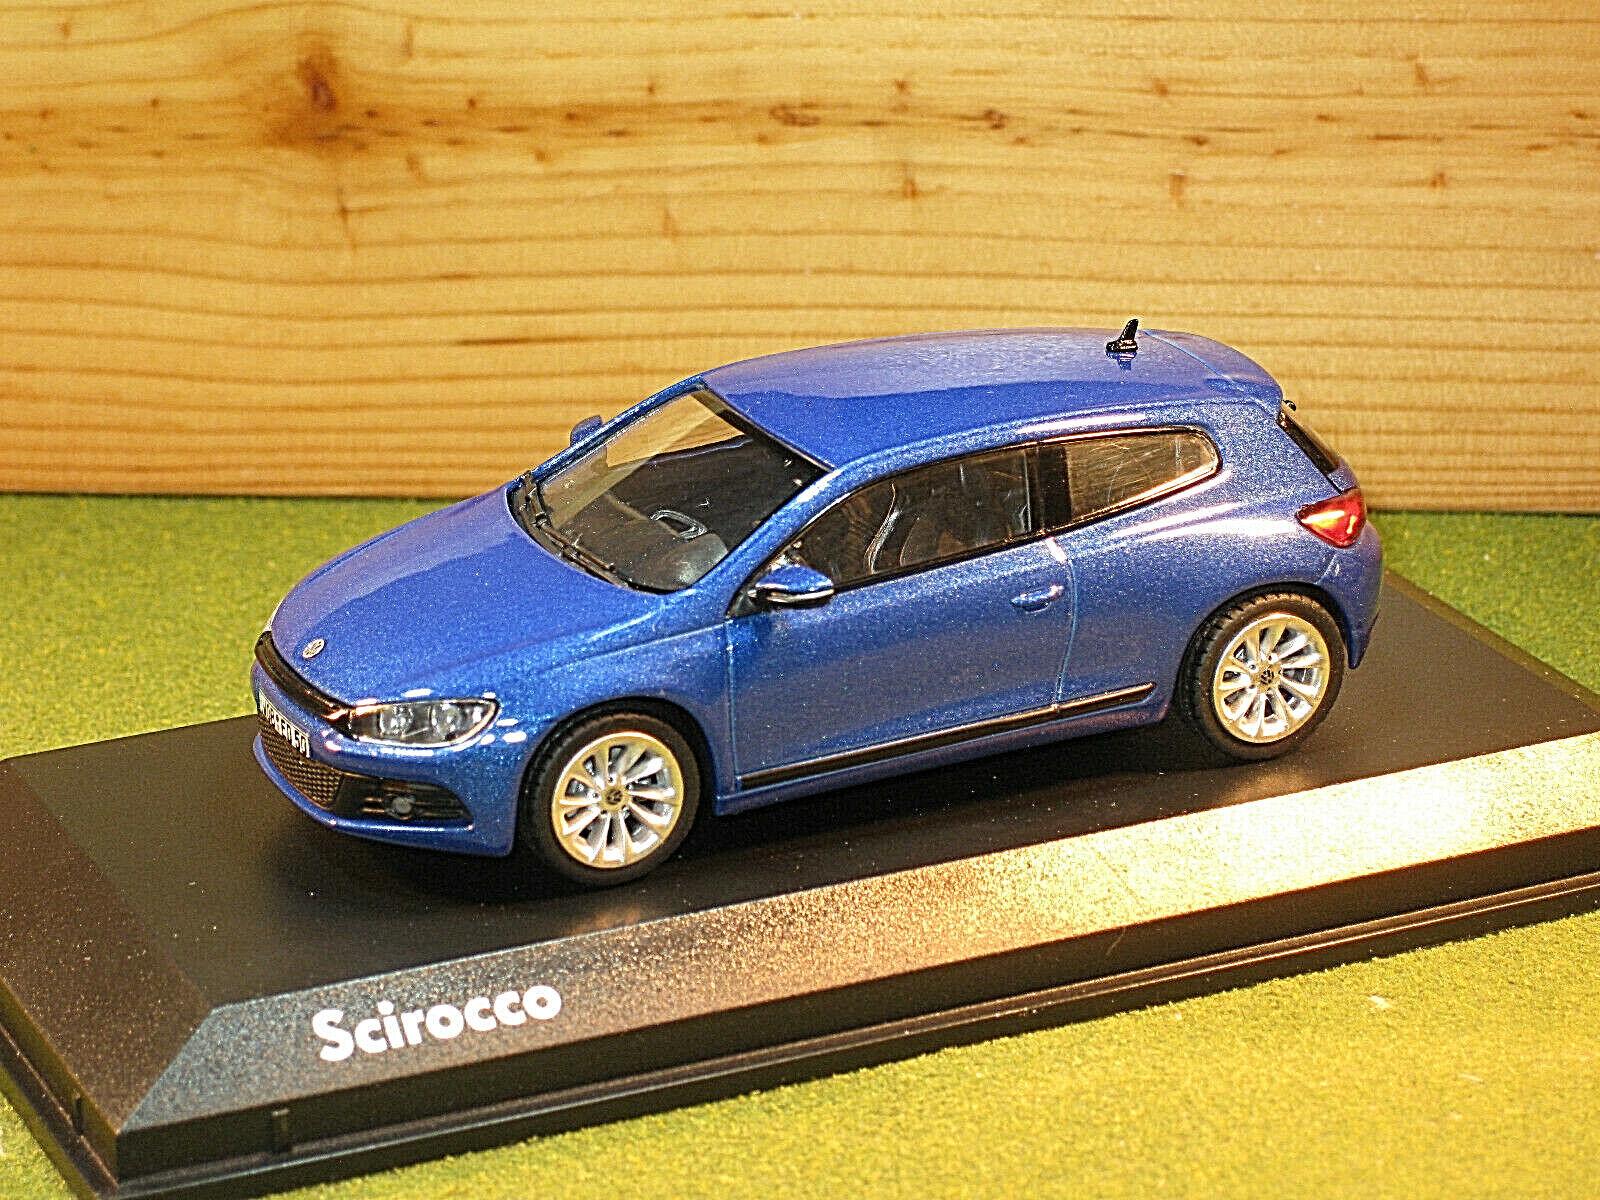 Norev 840182 Volkswagen Scirocco in bluee 1 43rd scale